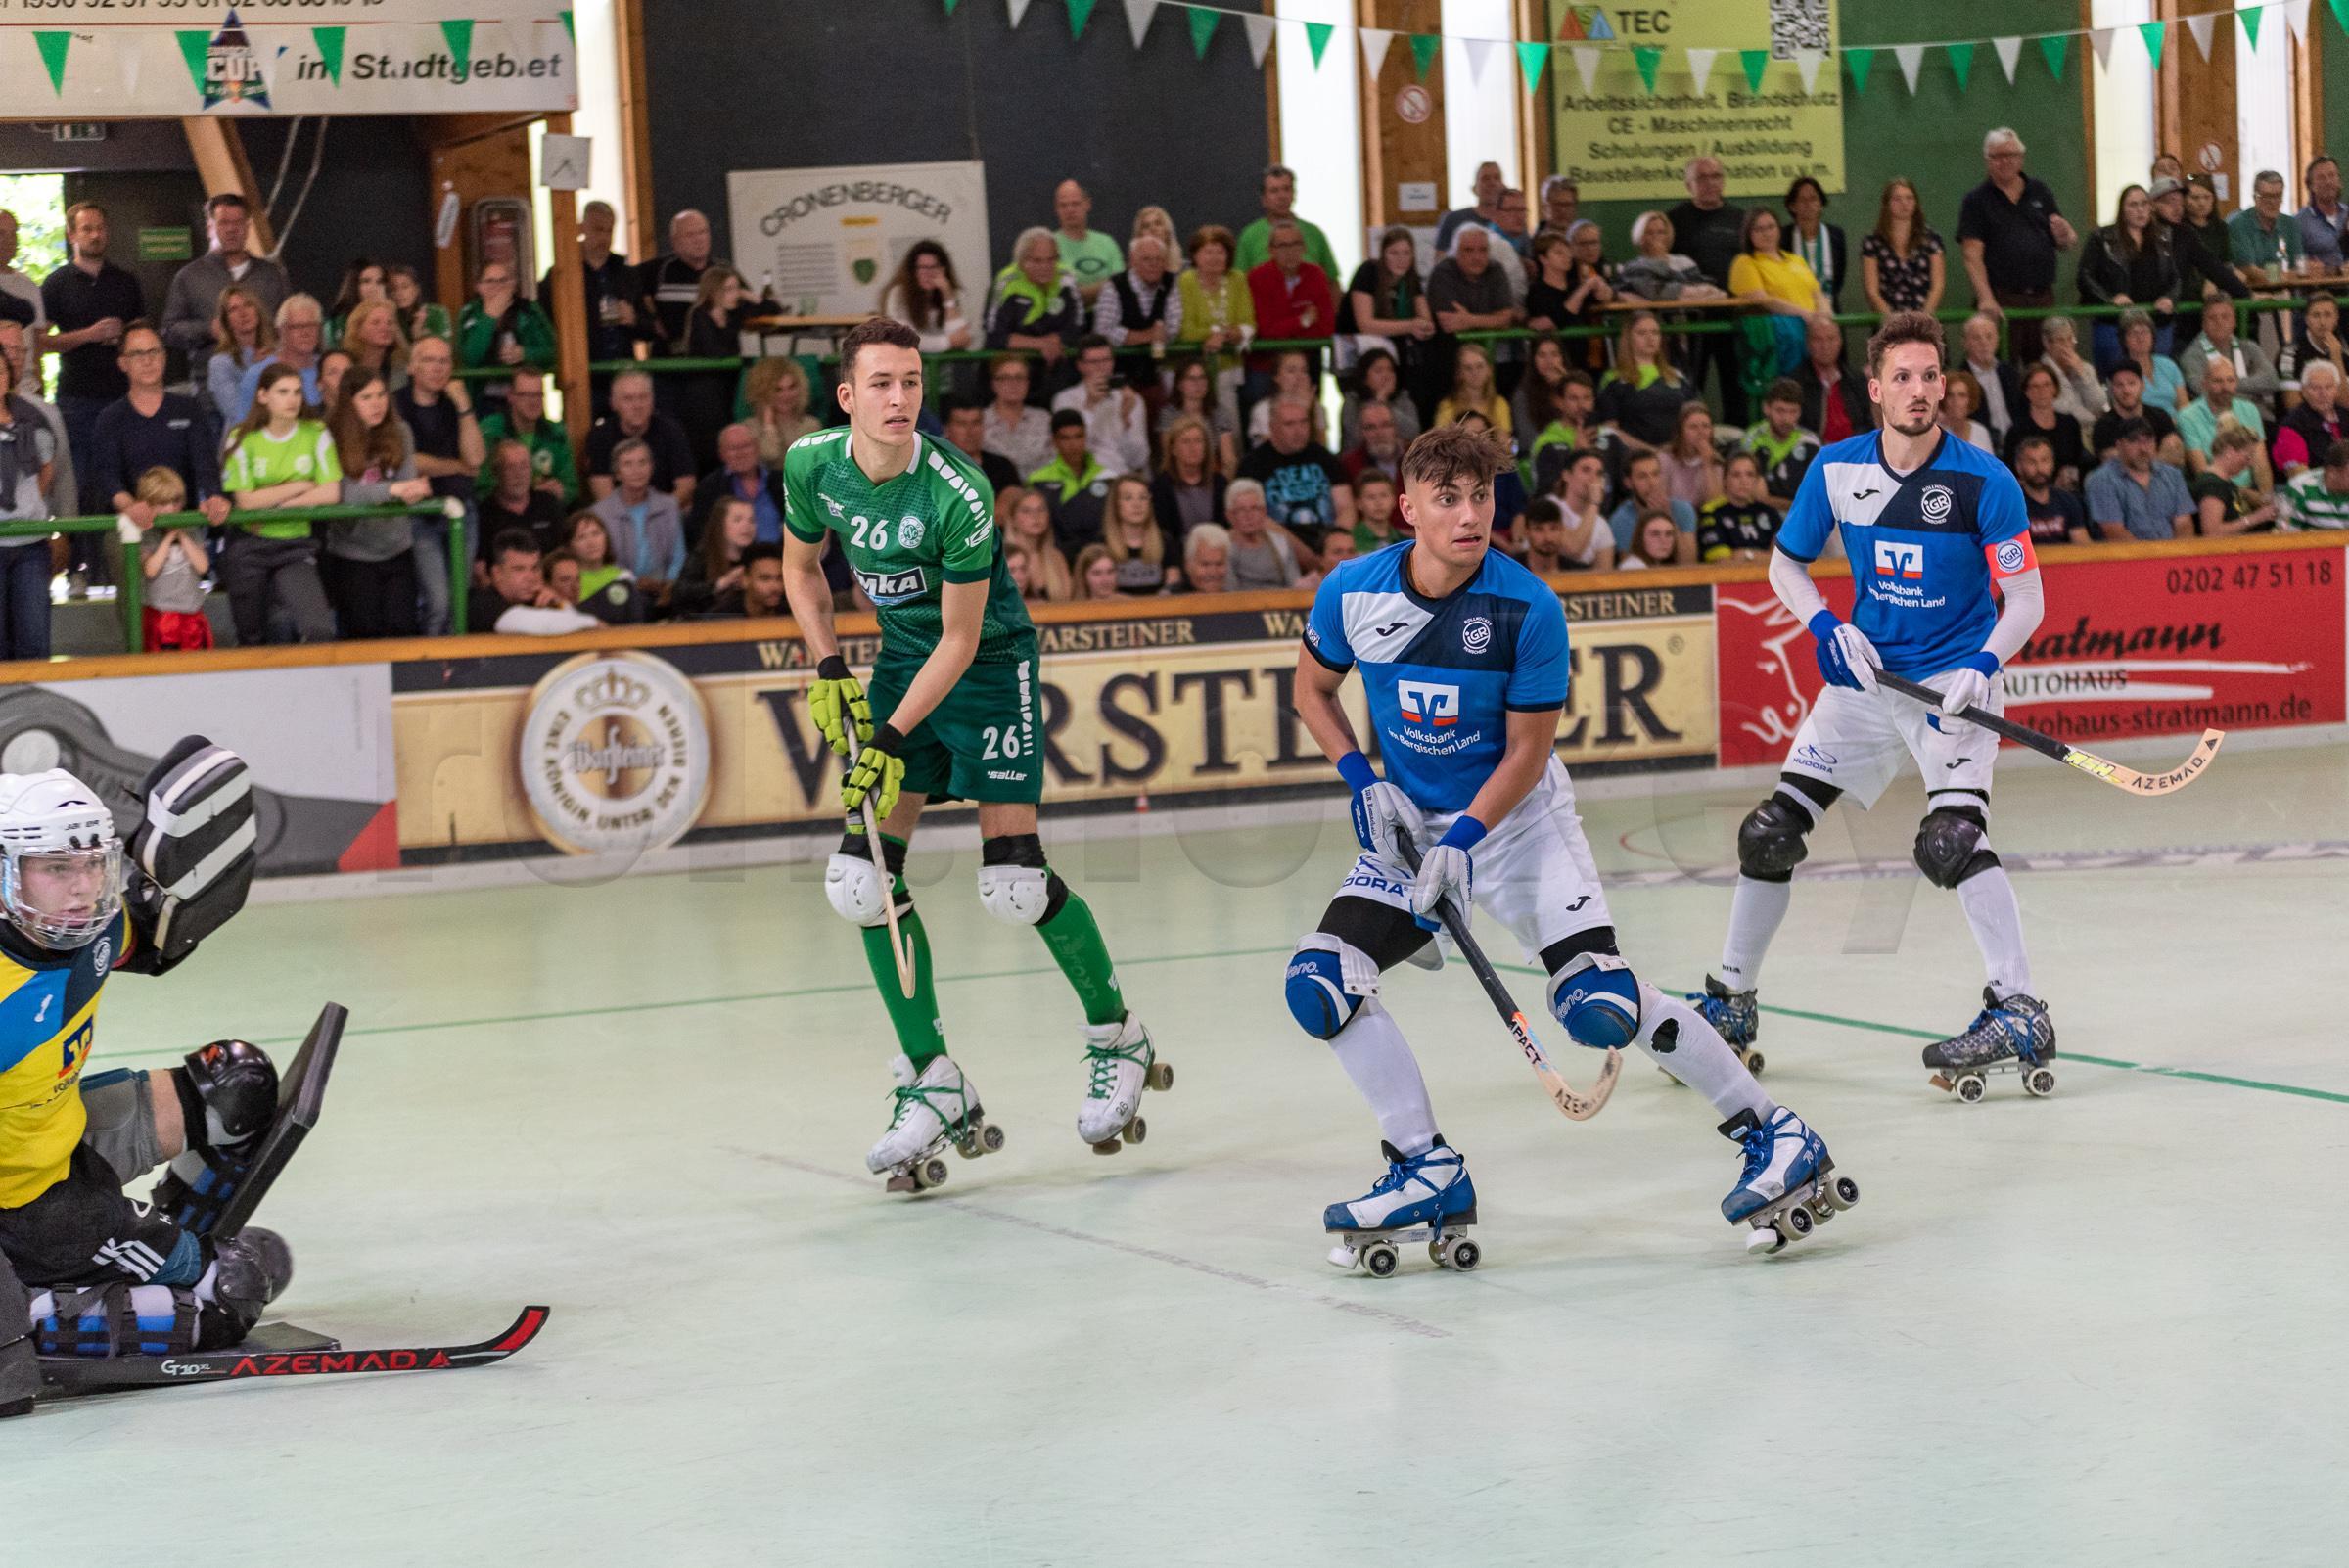 RSC Cronenberg Rollhockey DRIV-Pokal Finale Herren 25.05.2019